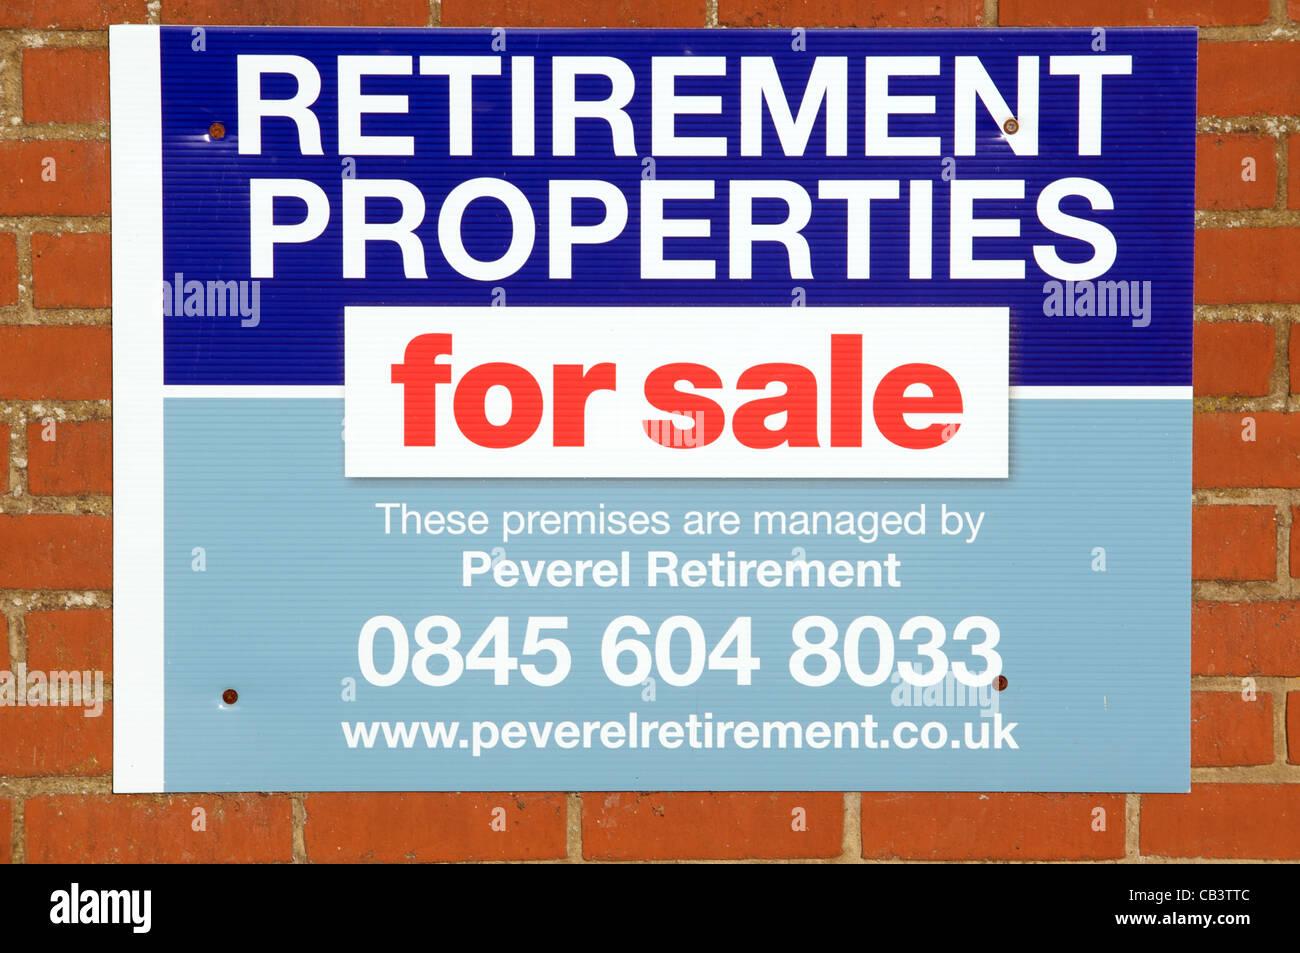 Ruhestand Eigenschaften für Verkauf Zeichen Stockbild